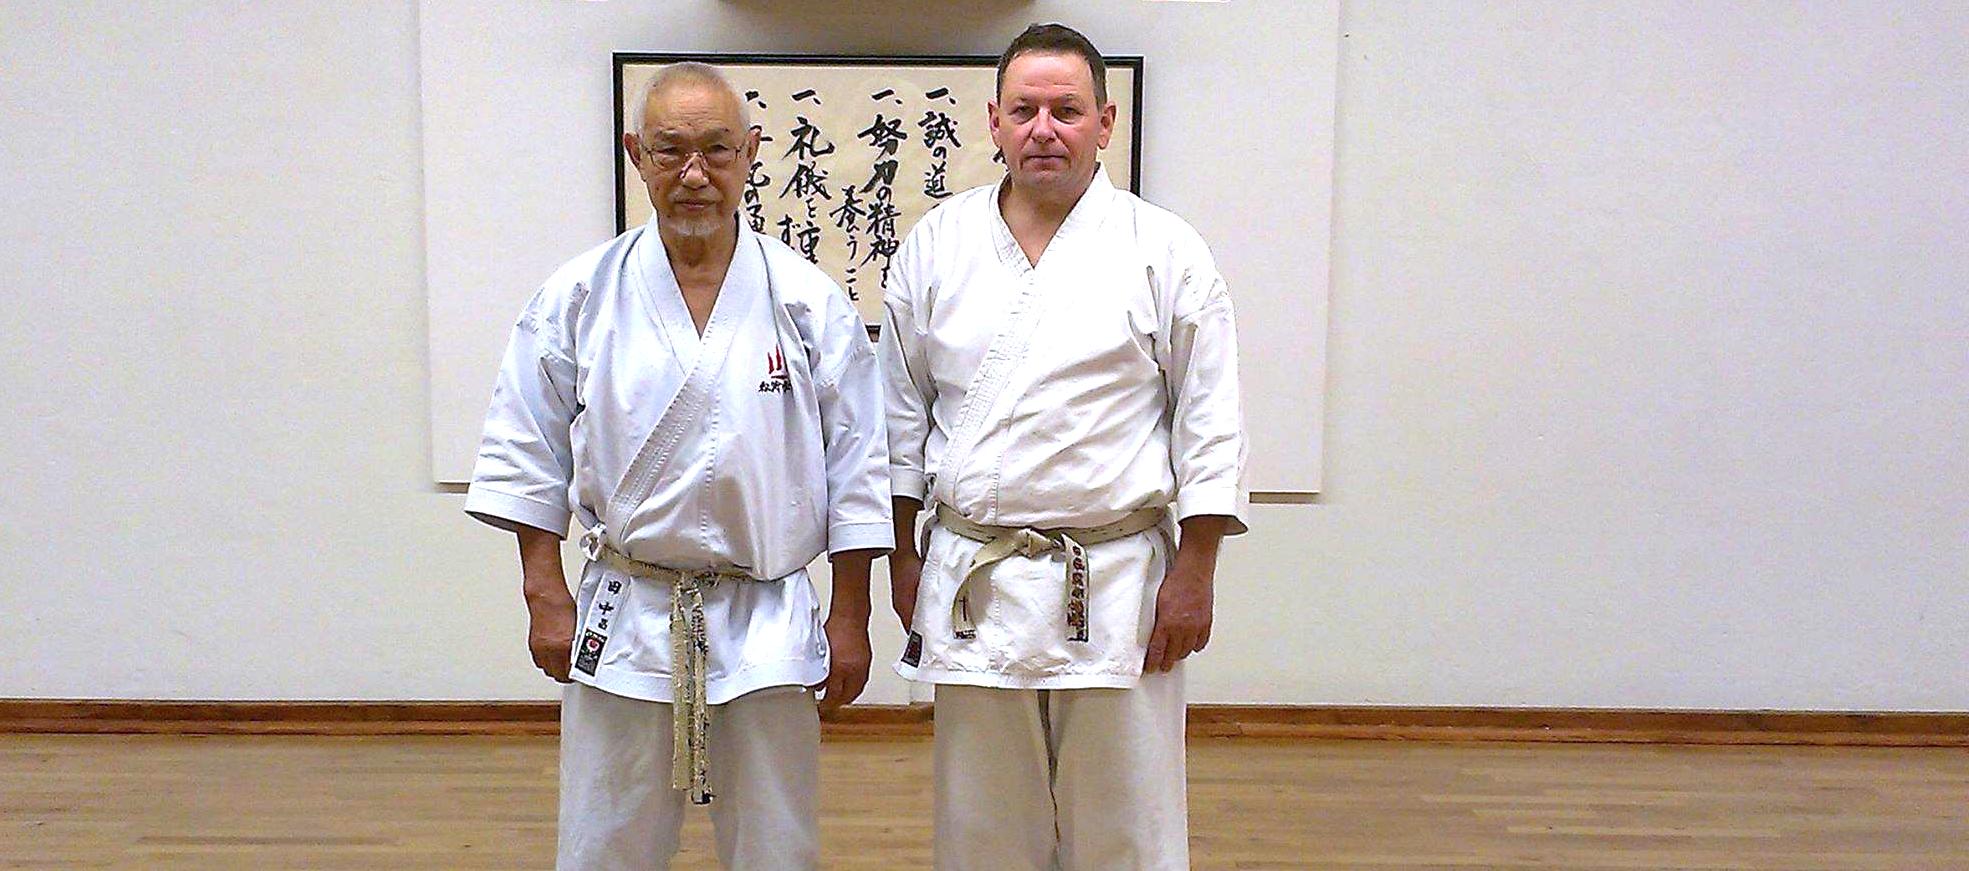 Træning med stormesteren Tanaka Sensei